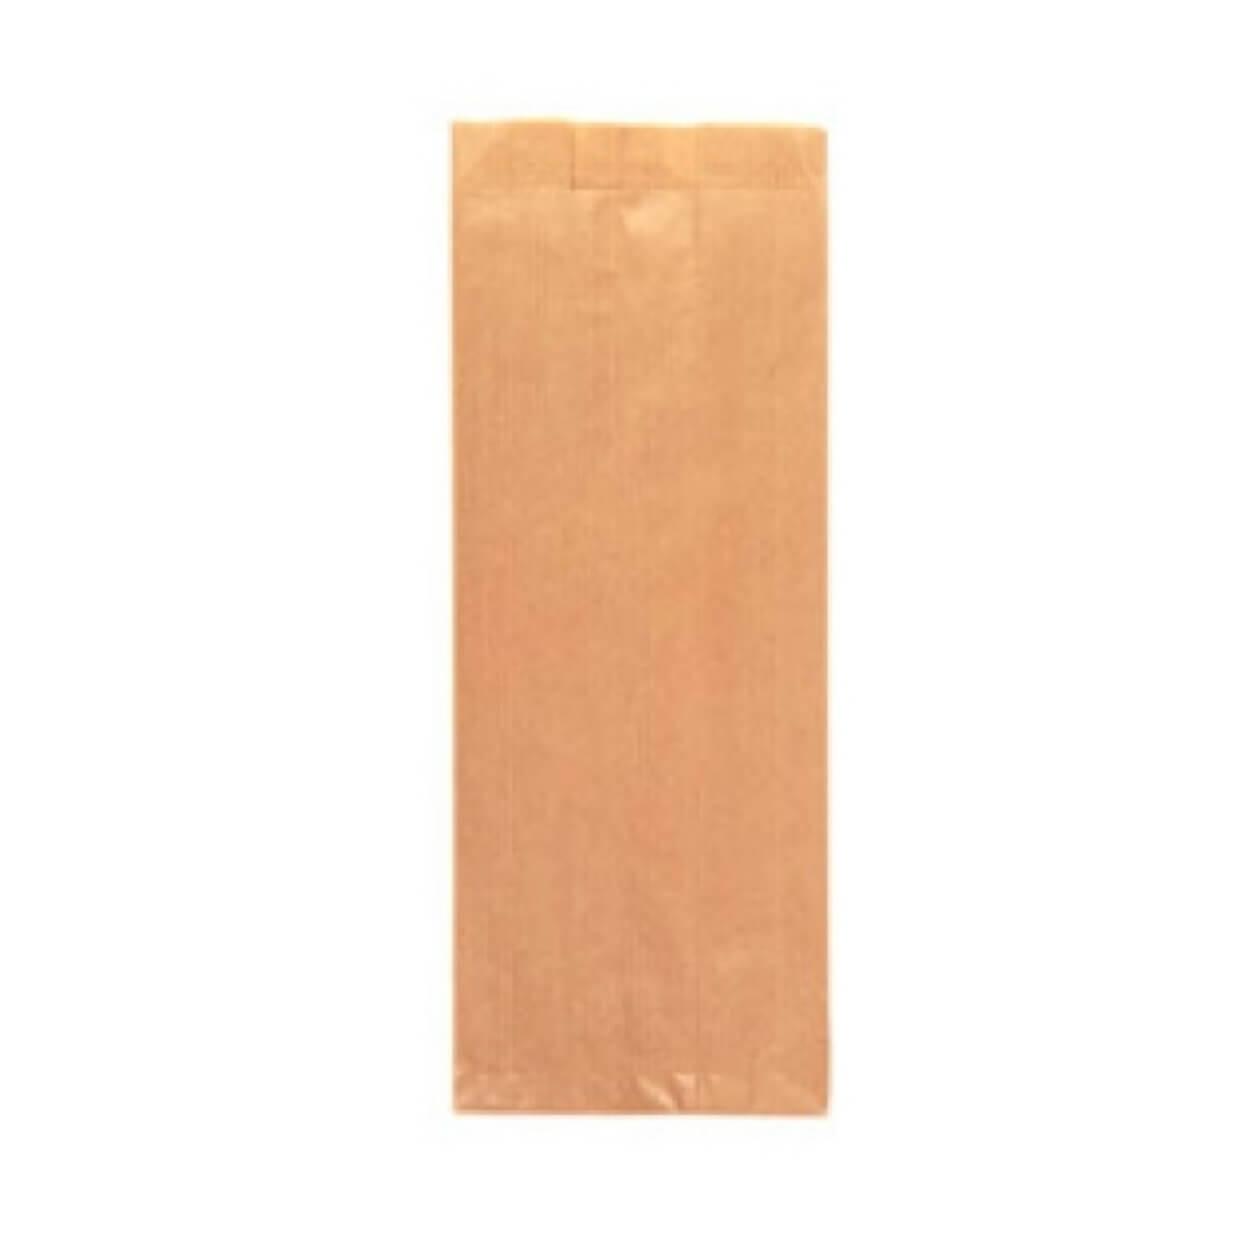 ΣΑΚΟΥΛΑΚΙ ΒΕΖΙΤΑΛ ΚΡΑΦΤ 12,5×27